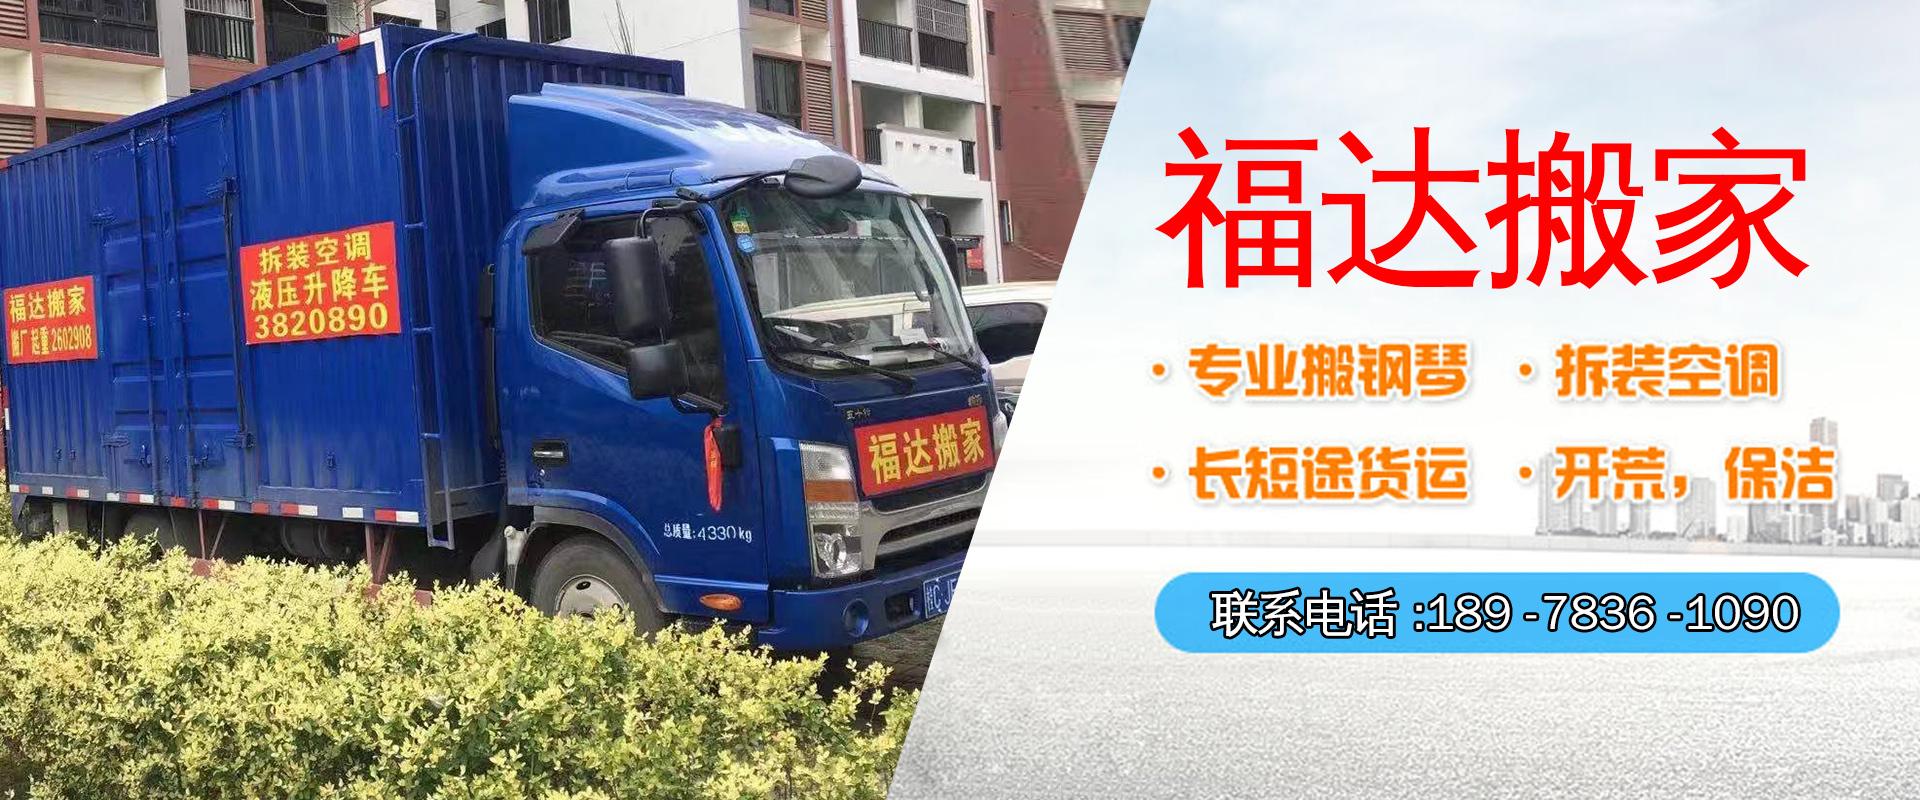 桂林搬家公司